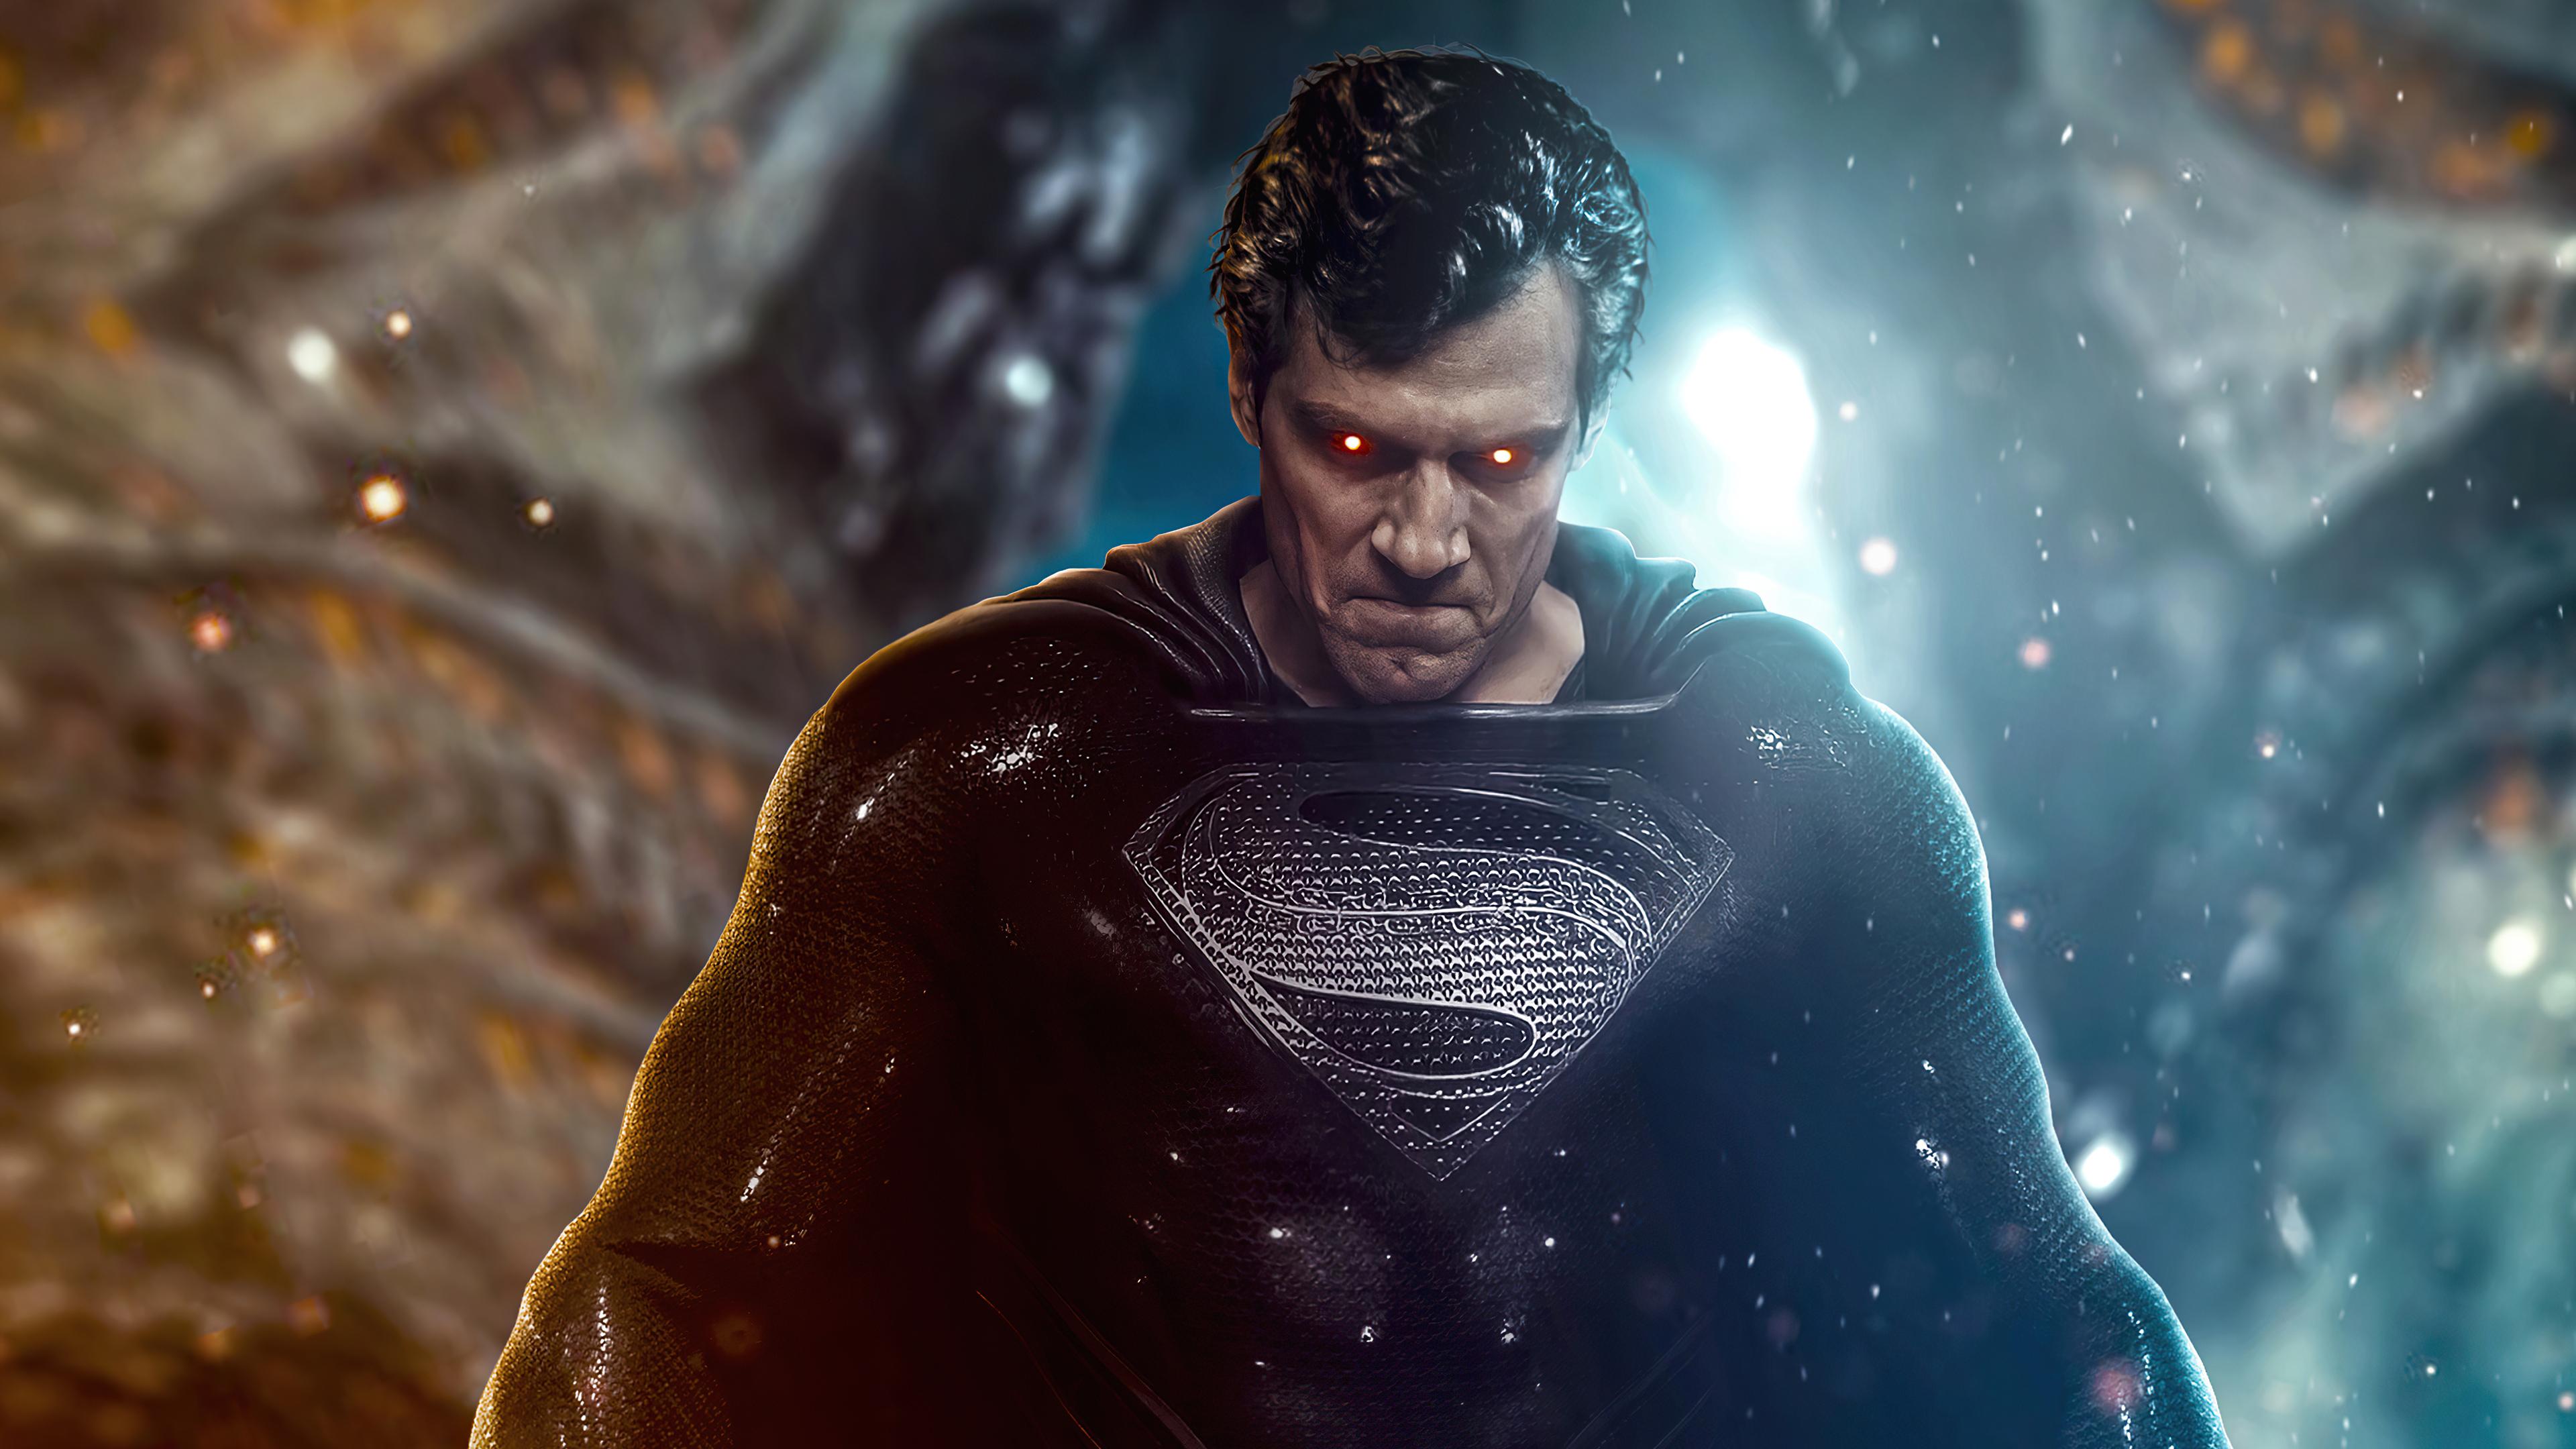 justice league superman black suit 4k 1618165516 - Justice League Superman Black Suit 4k - Justice League Superman Black Suit 4k wallpapers